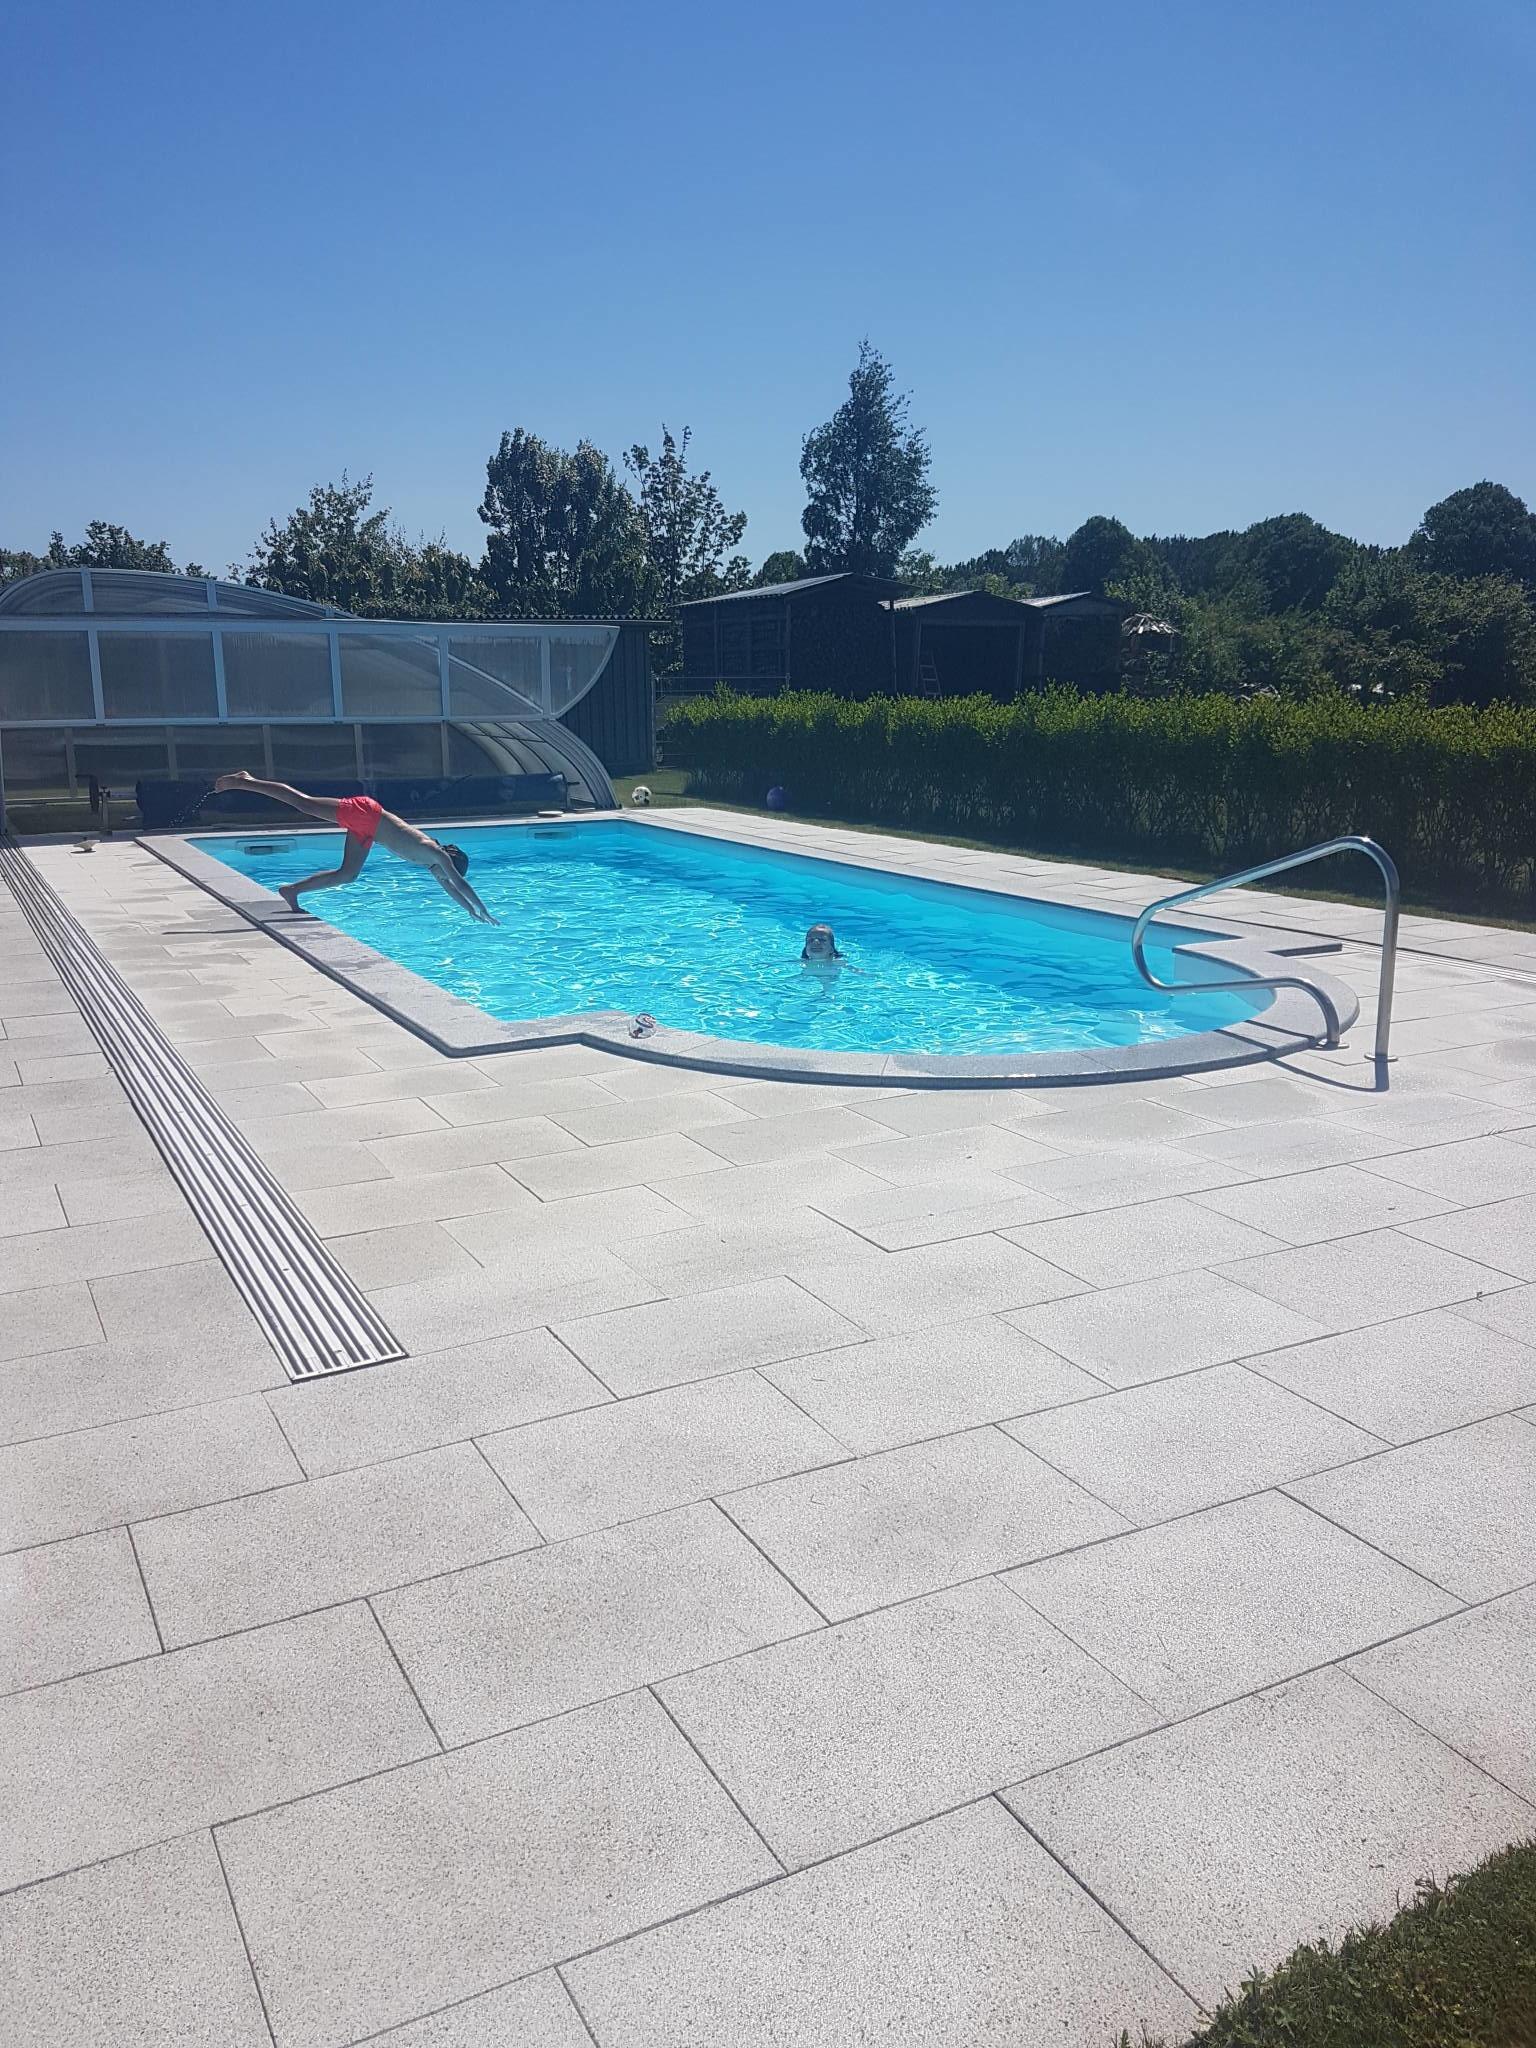 Pool 4m x 8m beheizt von Mai bis Oktober